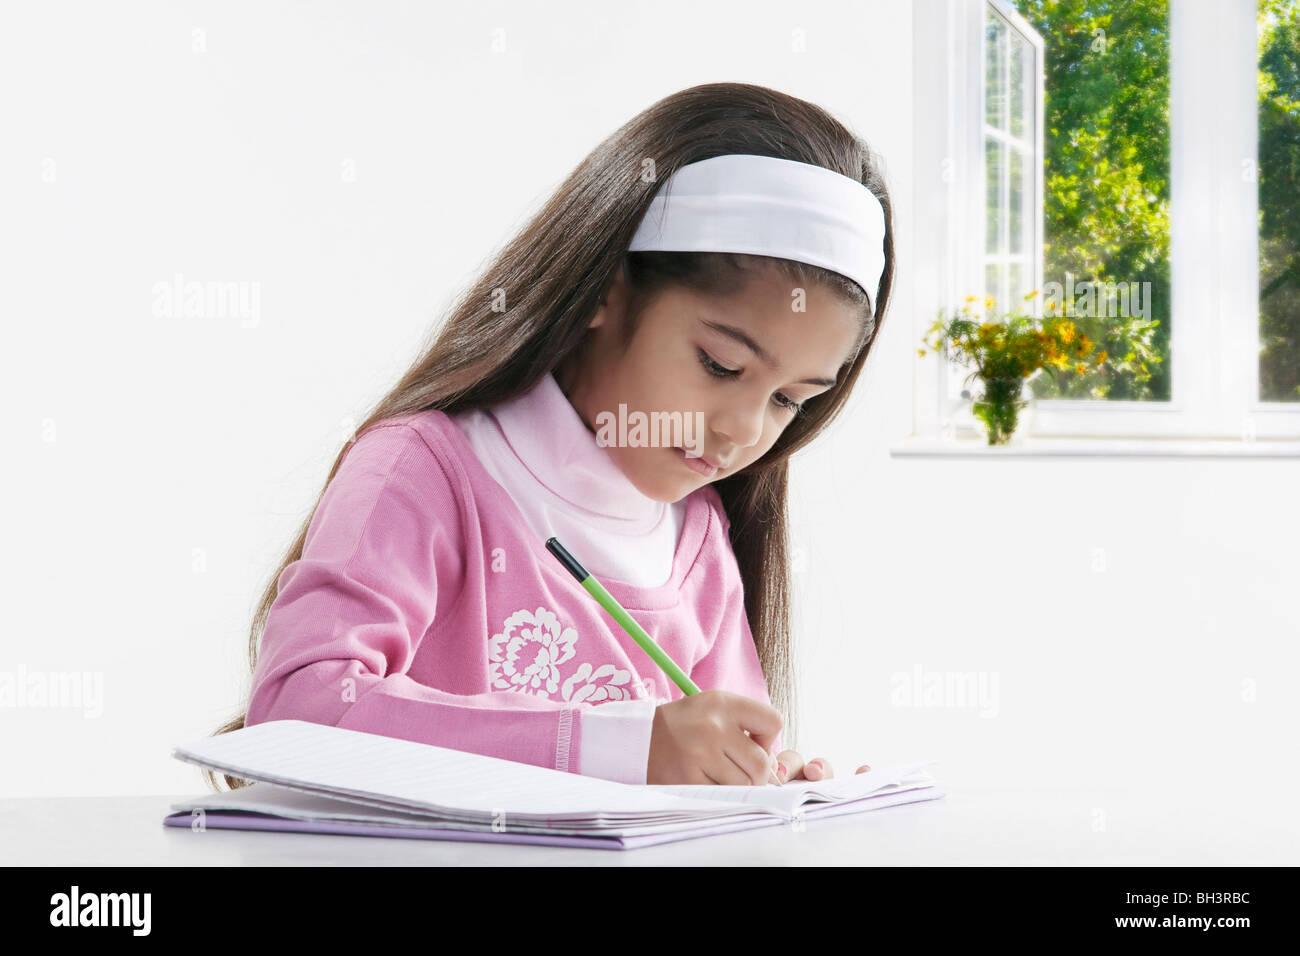 Mädchen in ein Notizbuch schreiben Stockbild